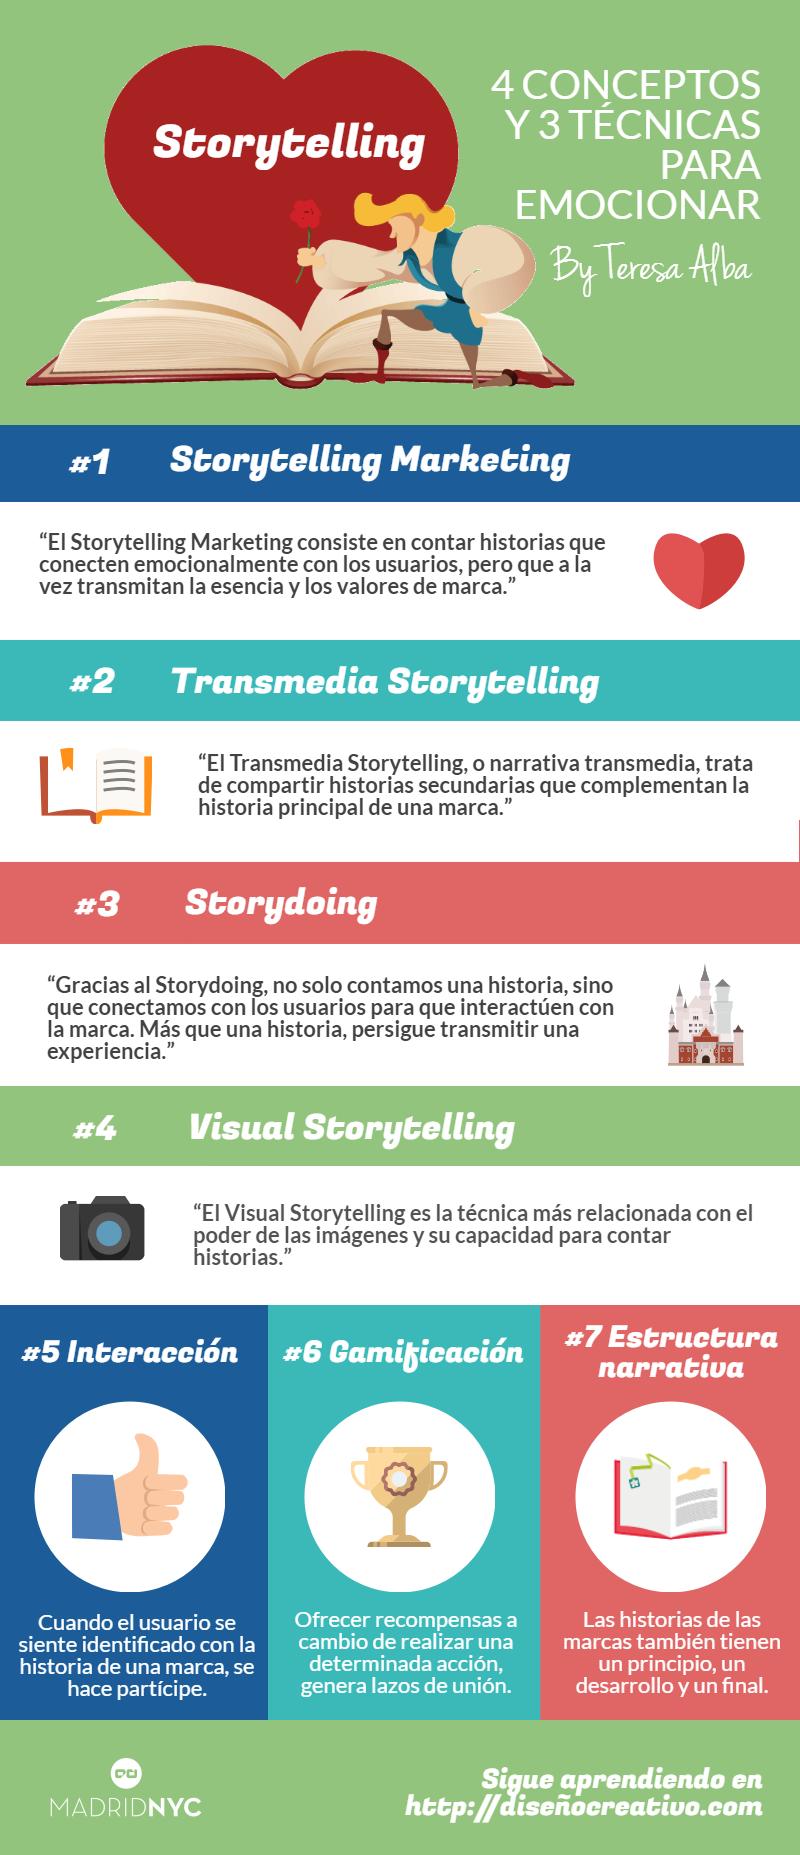 Storytelling: 4 términos y 3 técnicas para emocionar